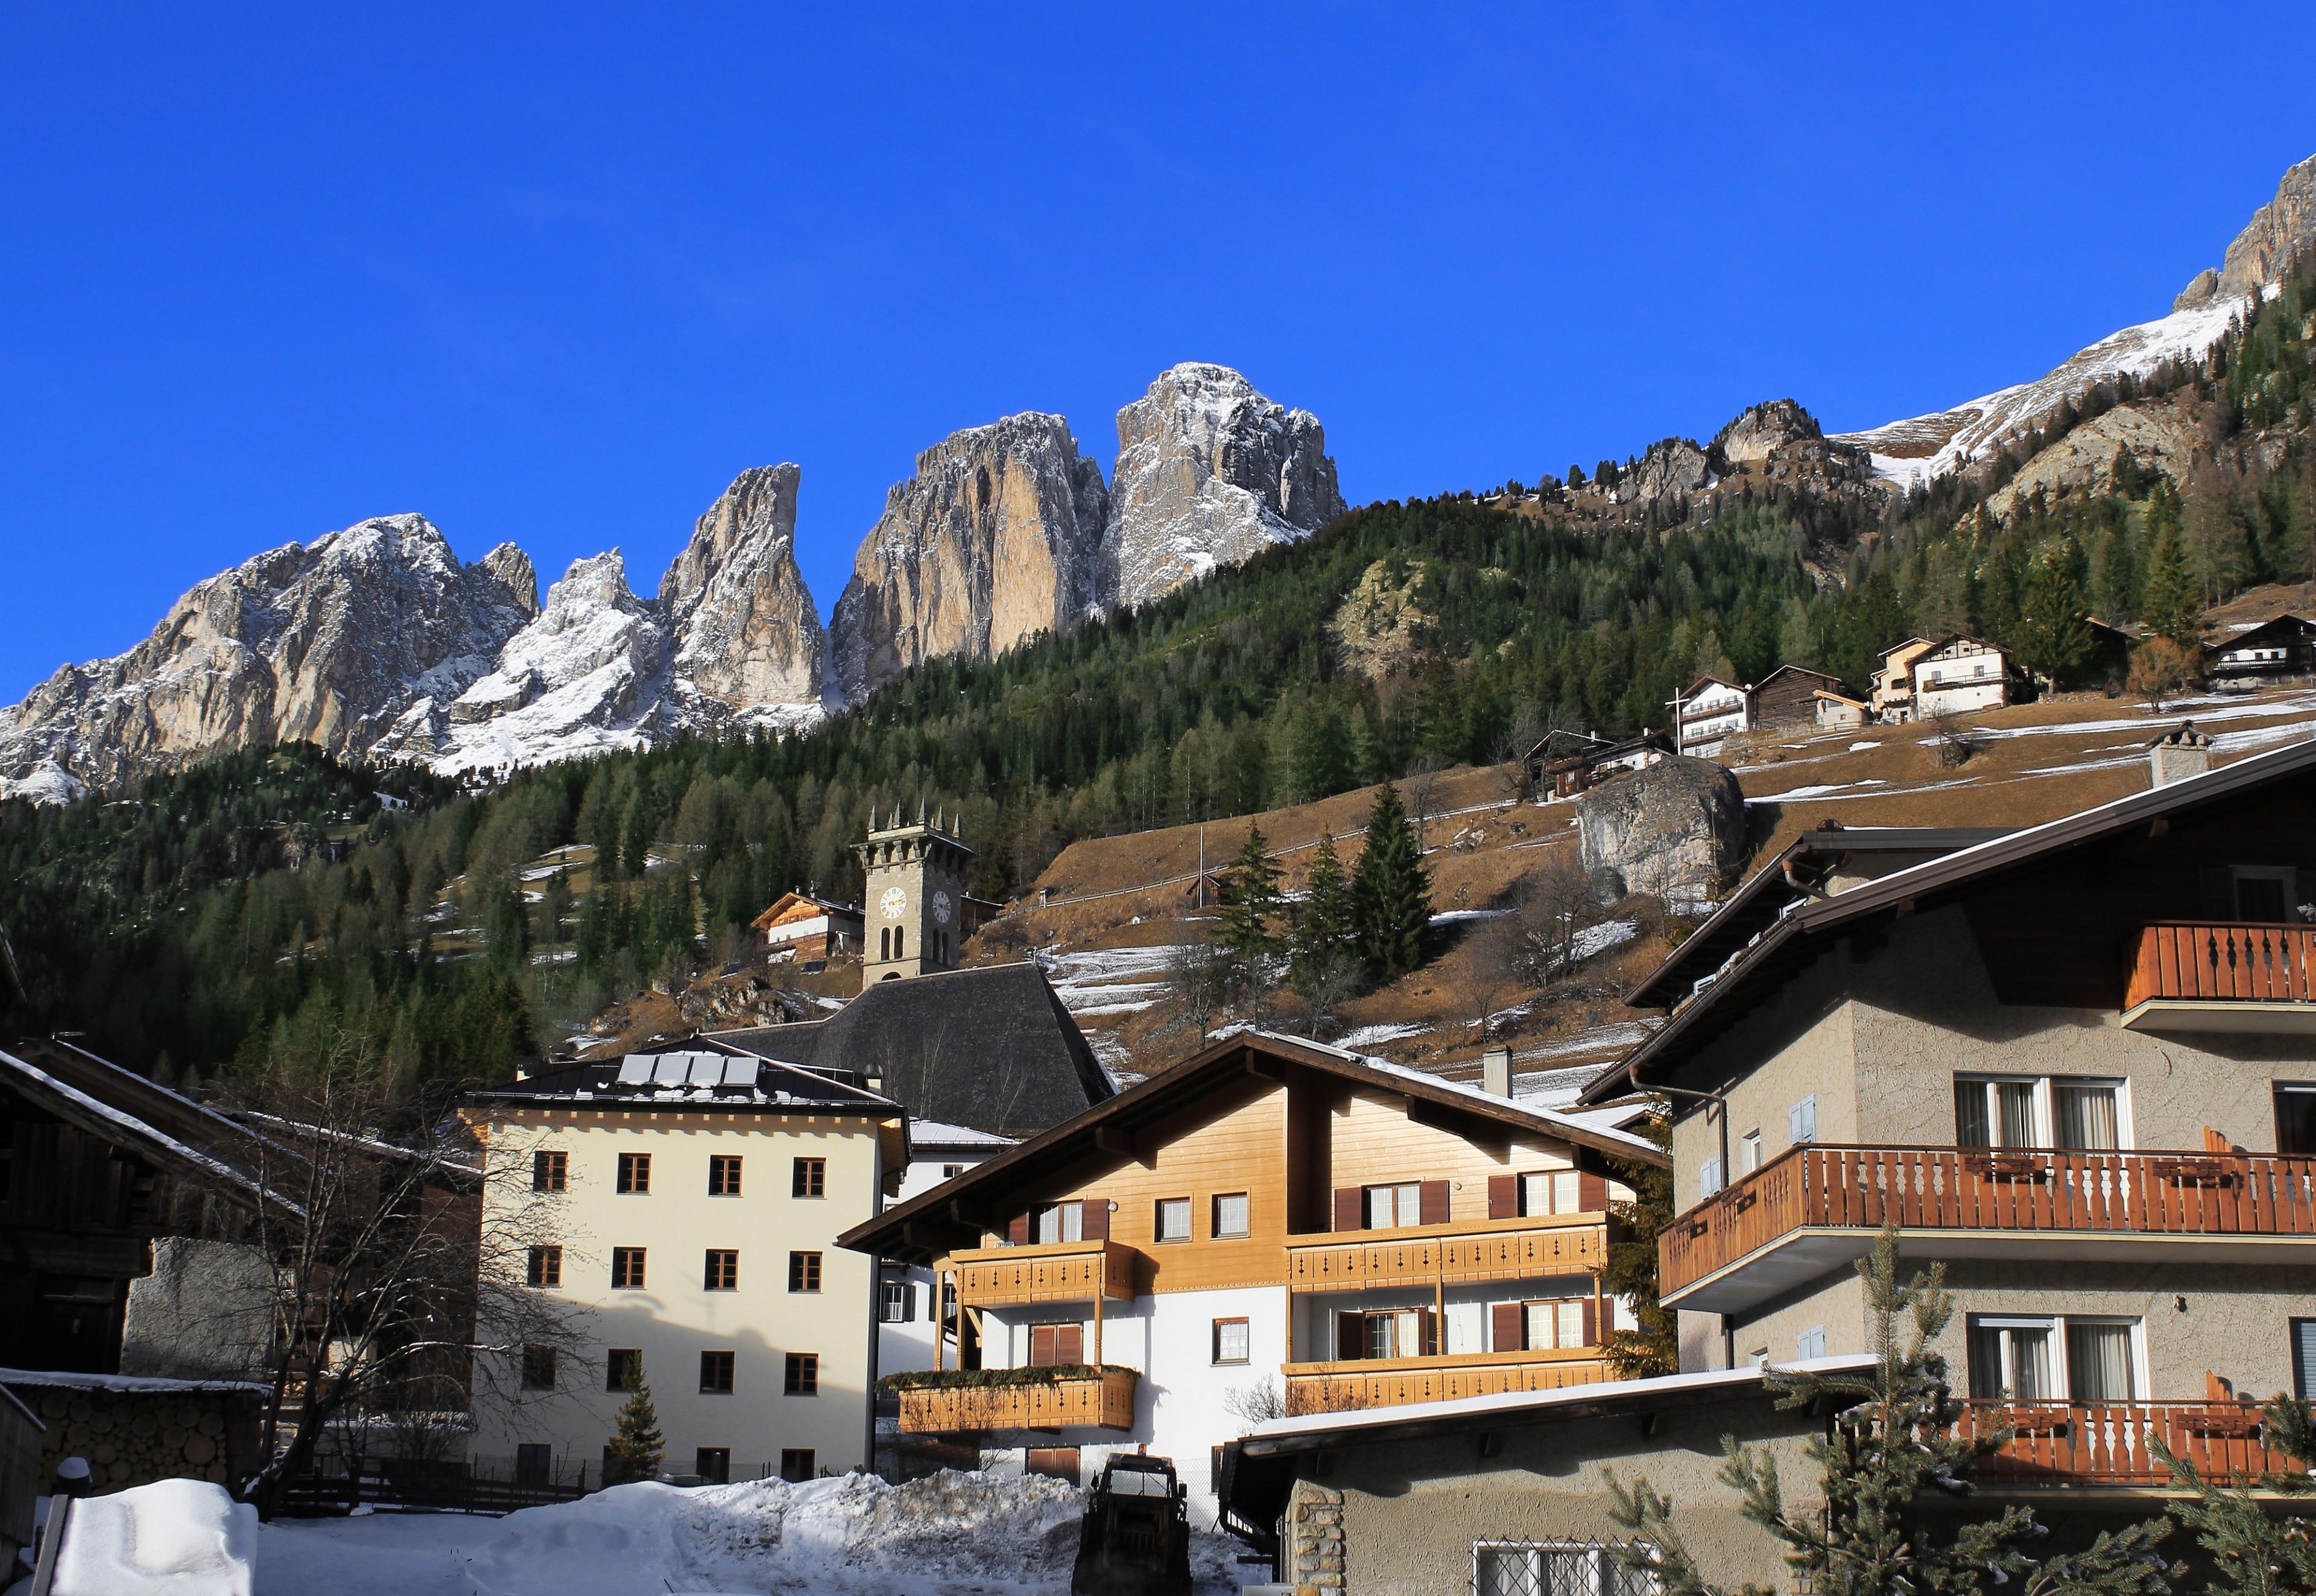 Campitello di Fassa, Trentino-Alto Adige, Italy